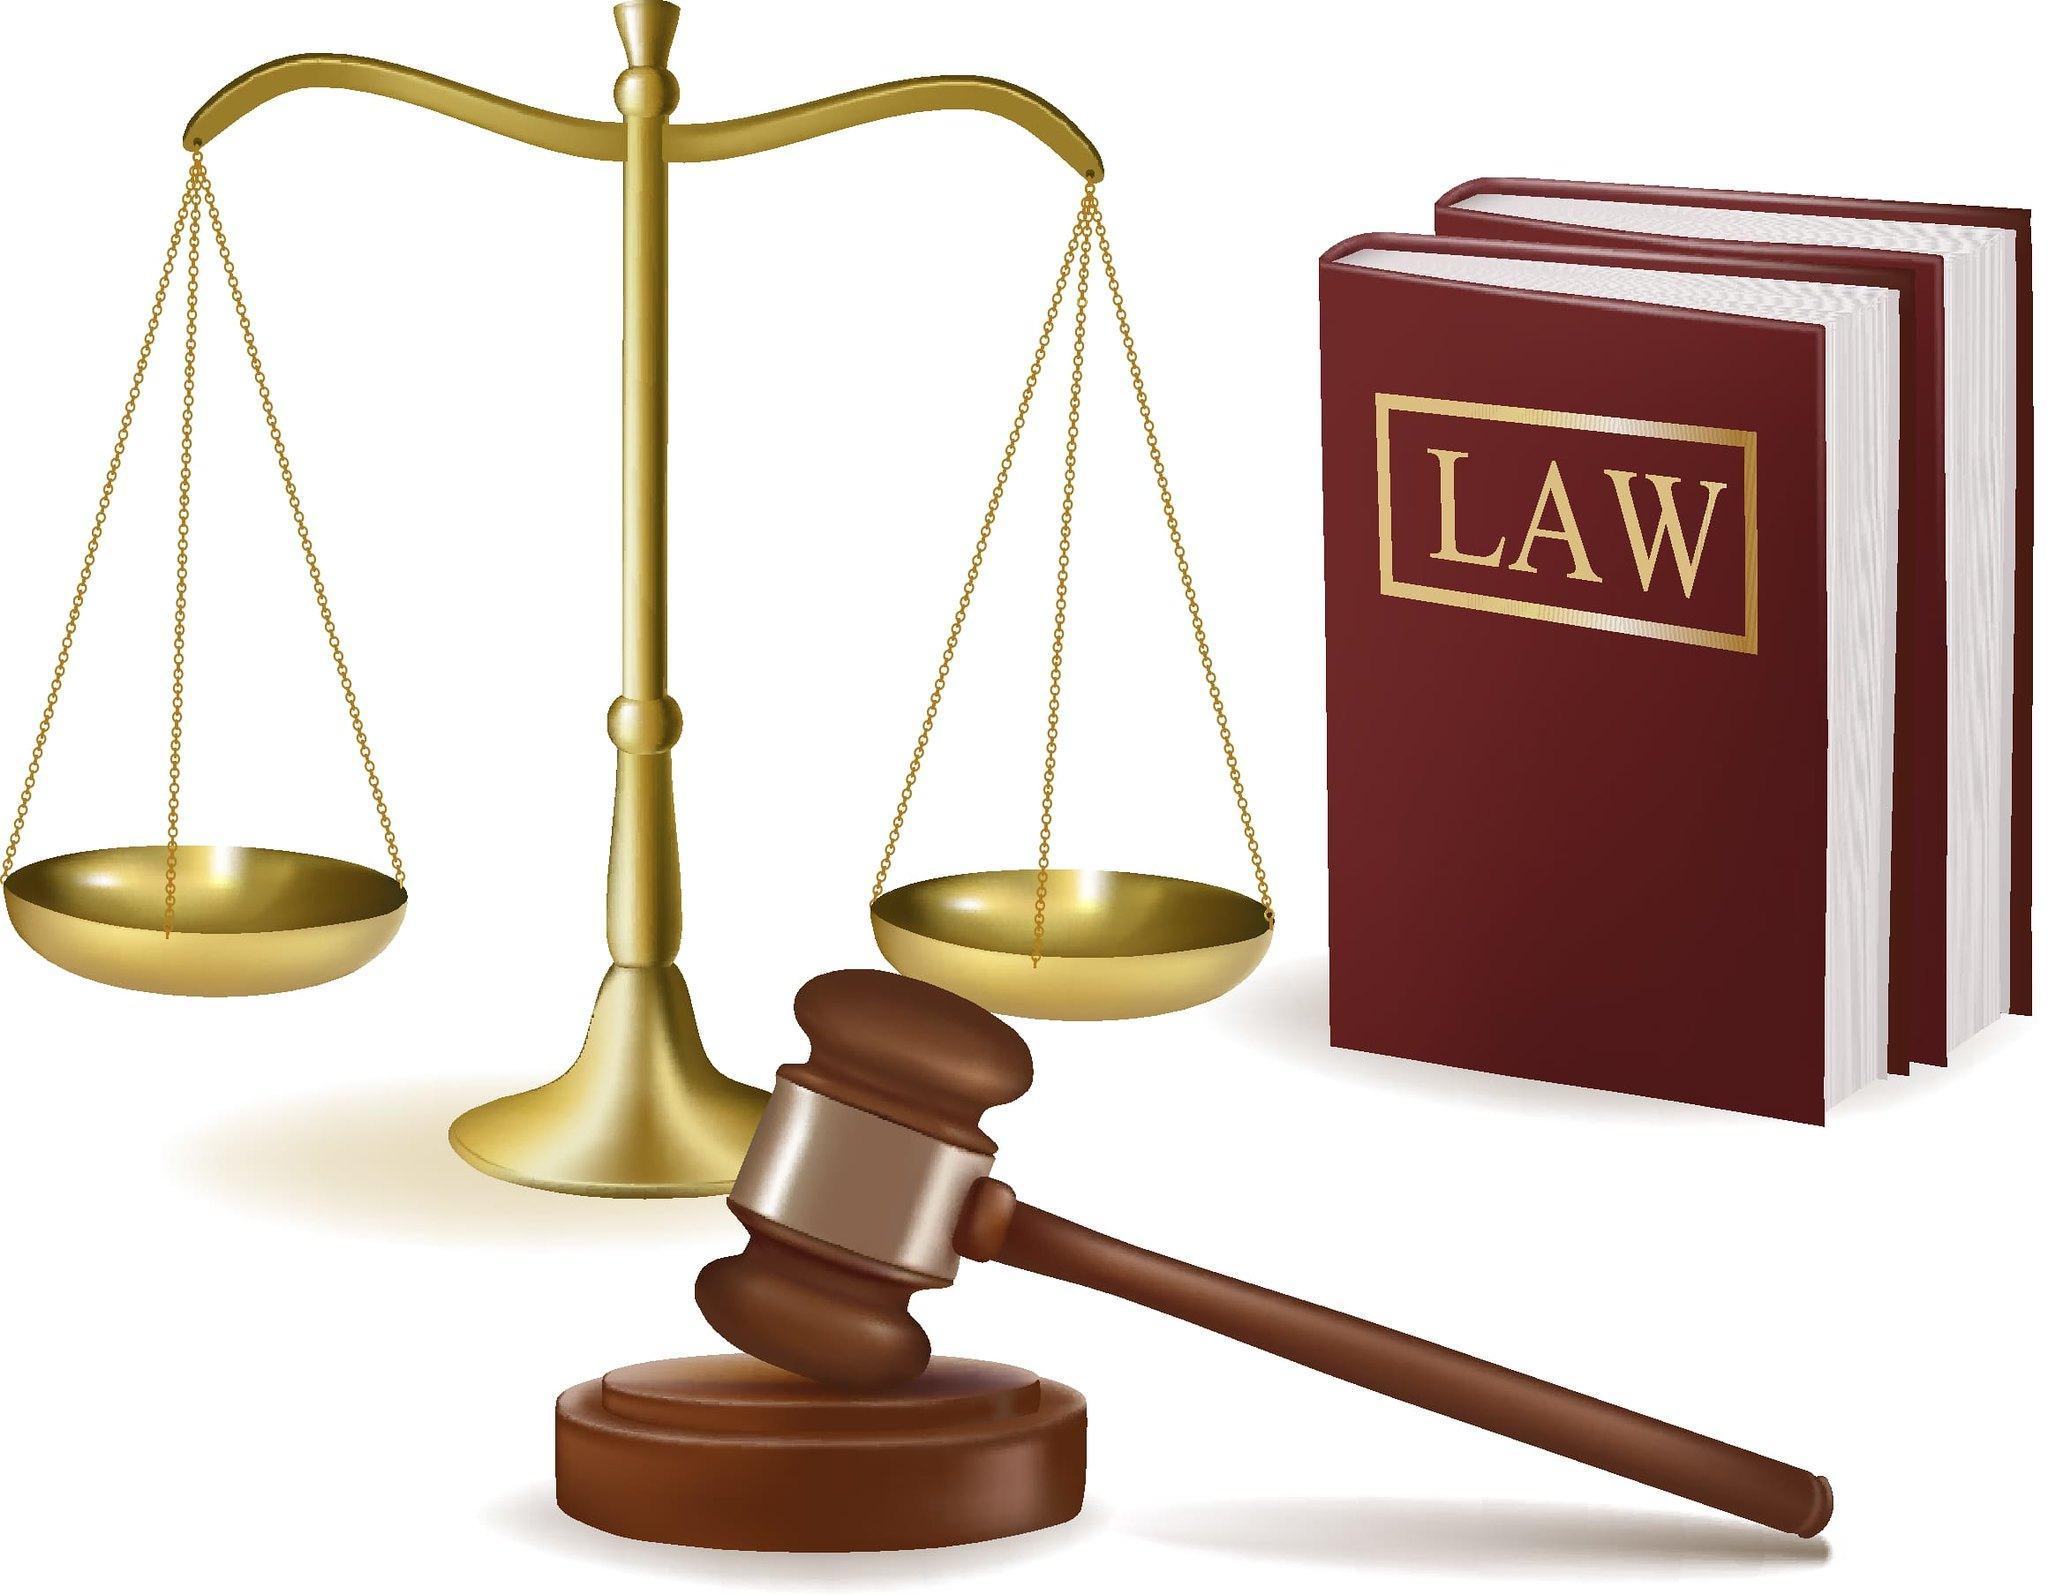 Cẩm nang xin việc làm hữu ích cho sinh viên ngành luật